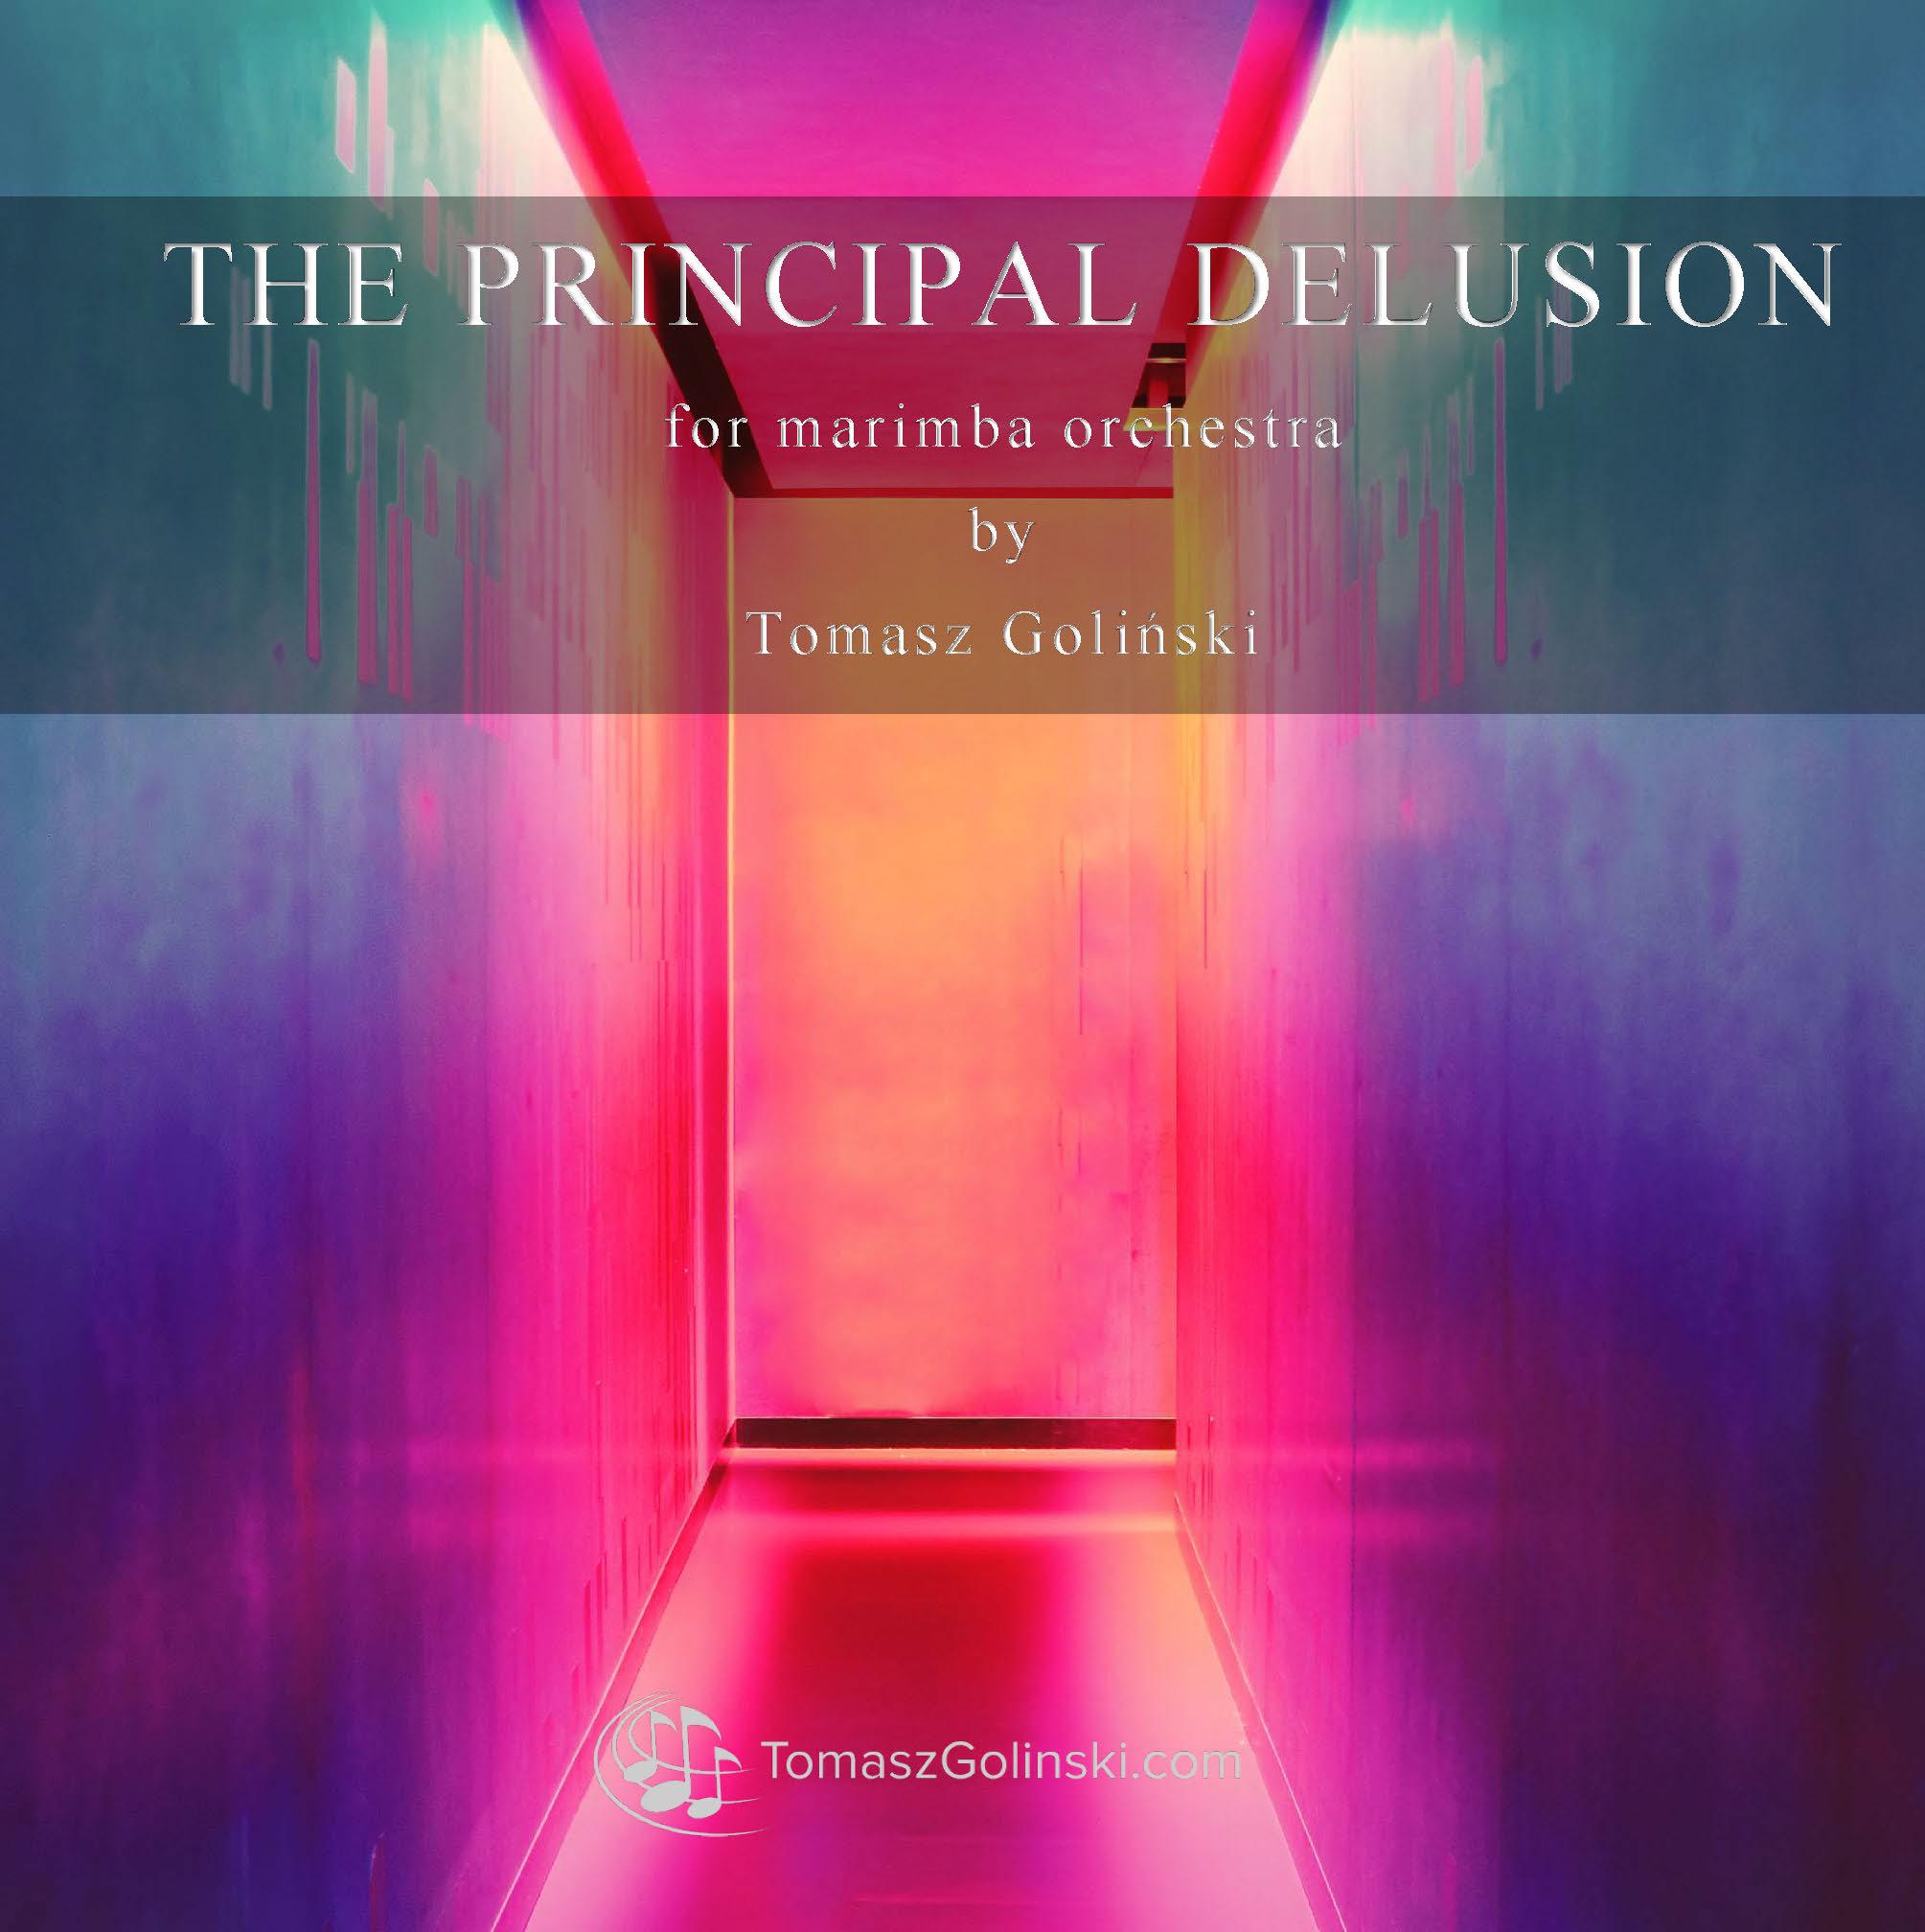 The Principal Delusion